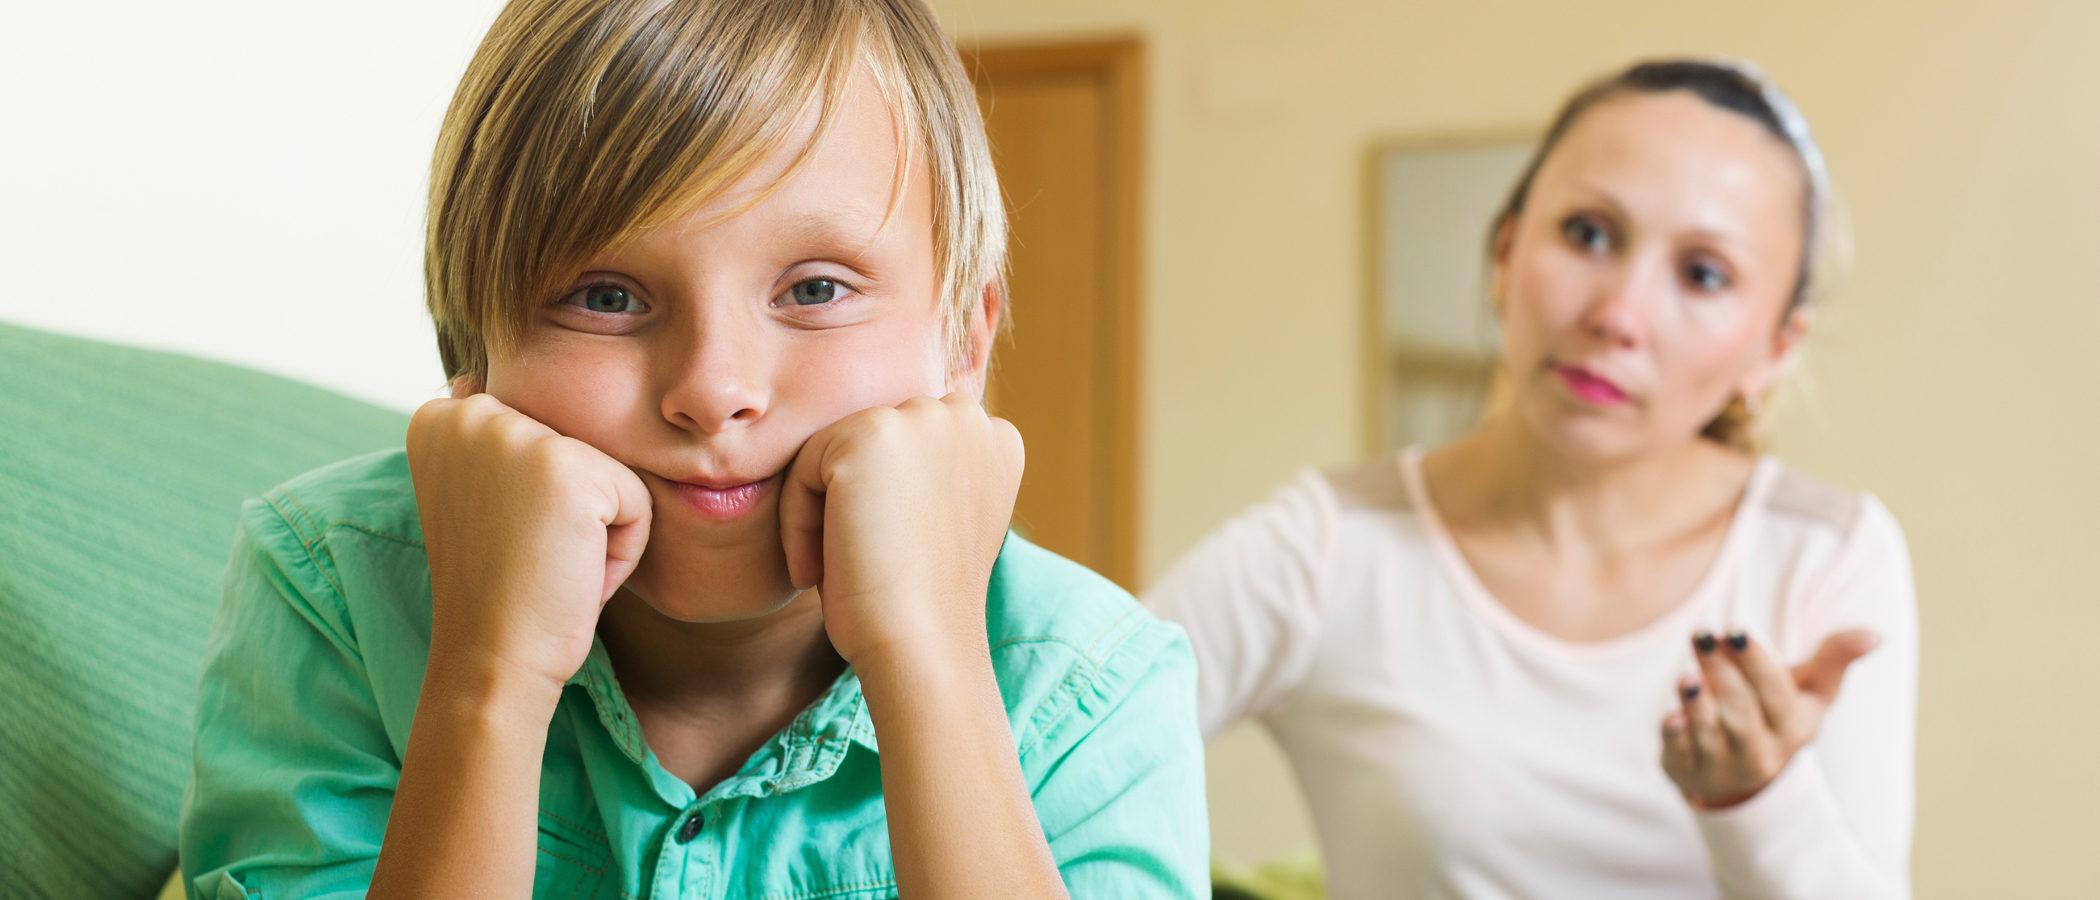 6 cosas que no harán a tus hijos más felices aunque creas que sí